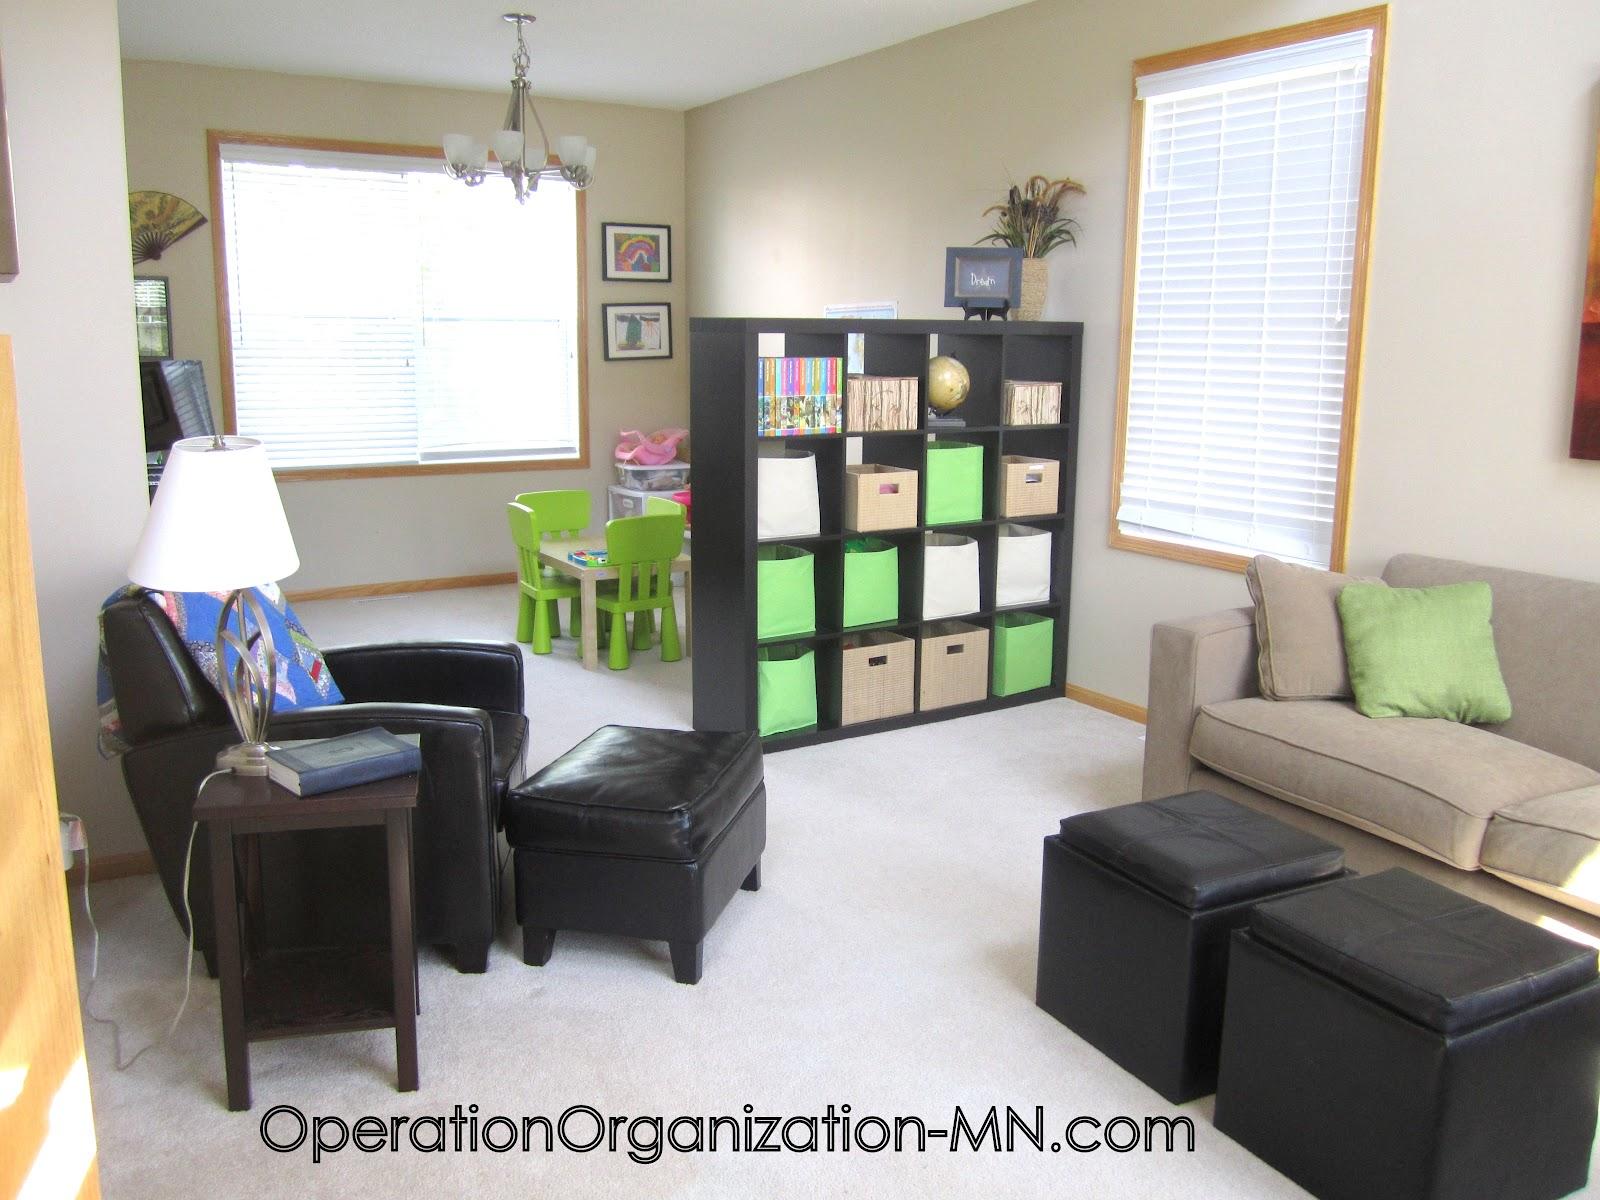 Operation Organization Professional Organizer Peachtree City Newnan Fayetteville Senoia